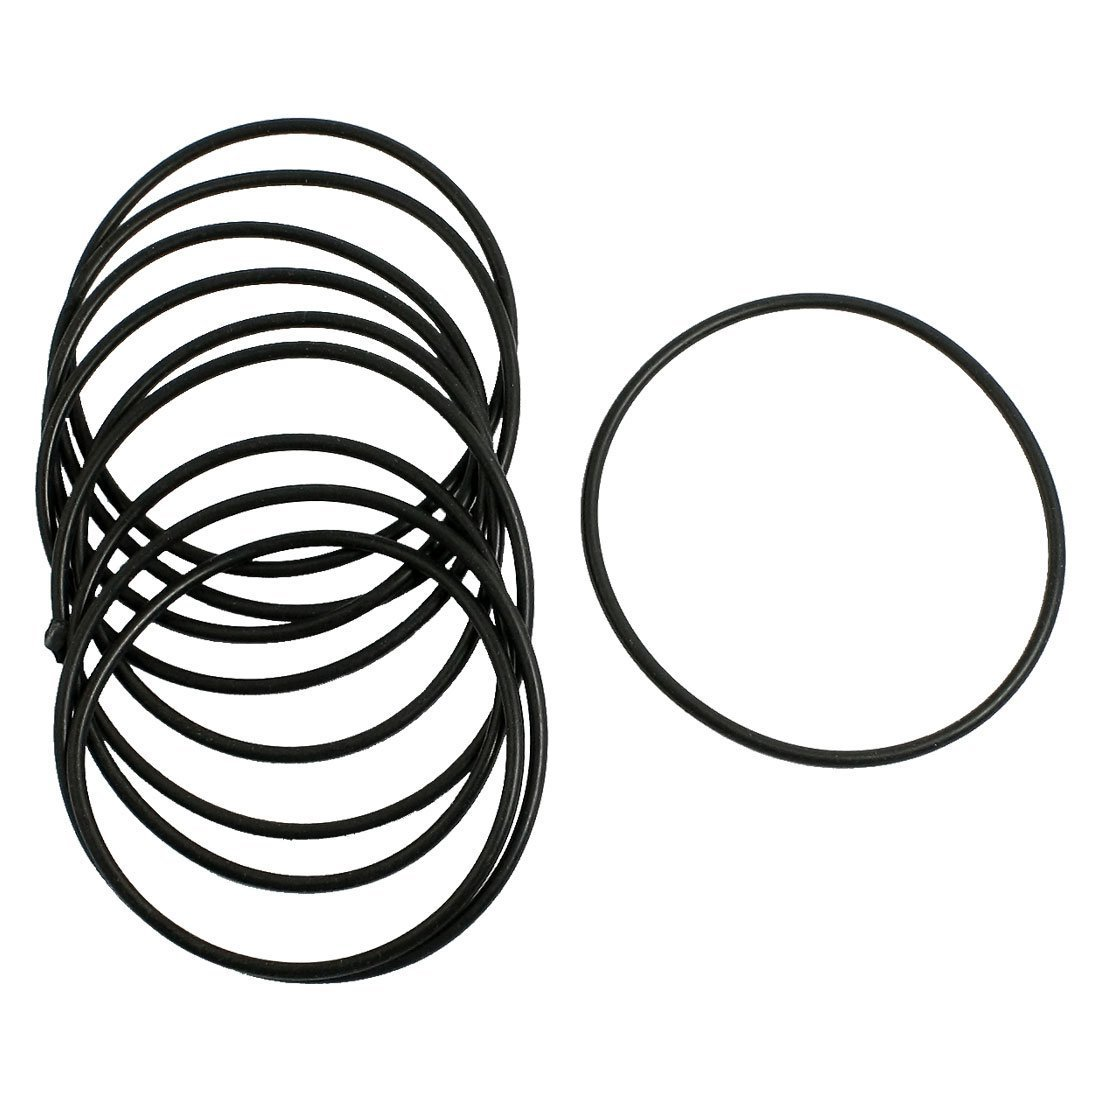 SODIAL O-Ring Dichtung Unterlegscheiben R 10 Stueck Schwarz Gummi Oil Seal O-Ringe Dichtungen Unterlegscheiben 30x25x2.5mm